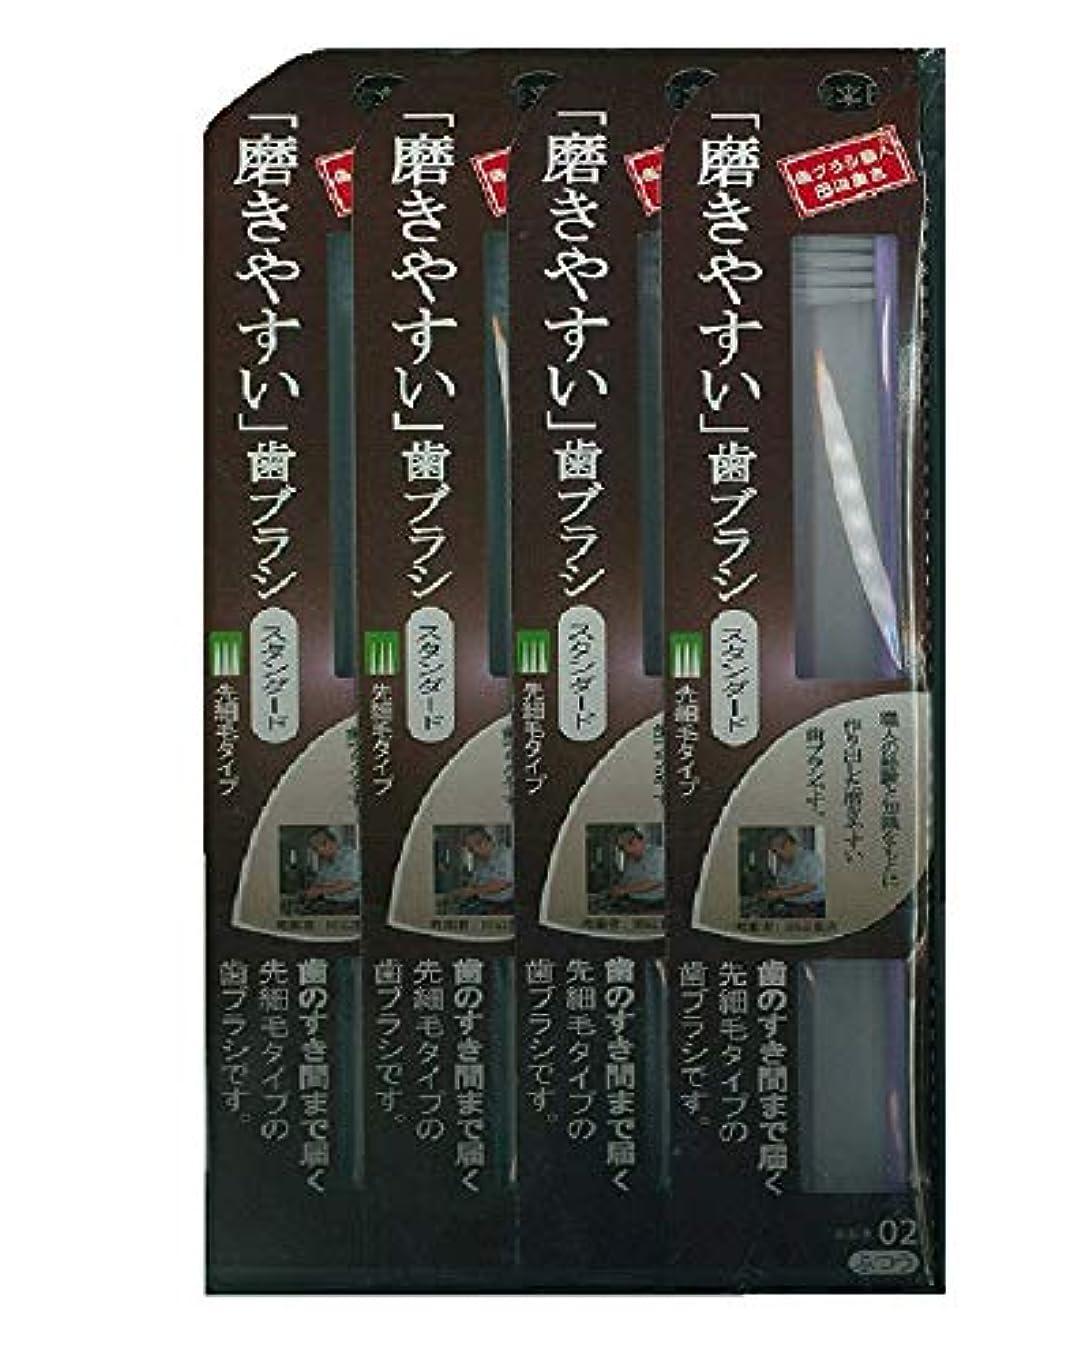 倍率パラダイス酸っぱい歯ブラシ職人 田辺重吉 磨きやすい歯ブラシ スタンダード 先細毛タイプ LT-02(1本×4個セット)